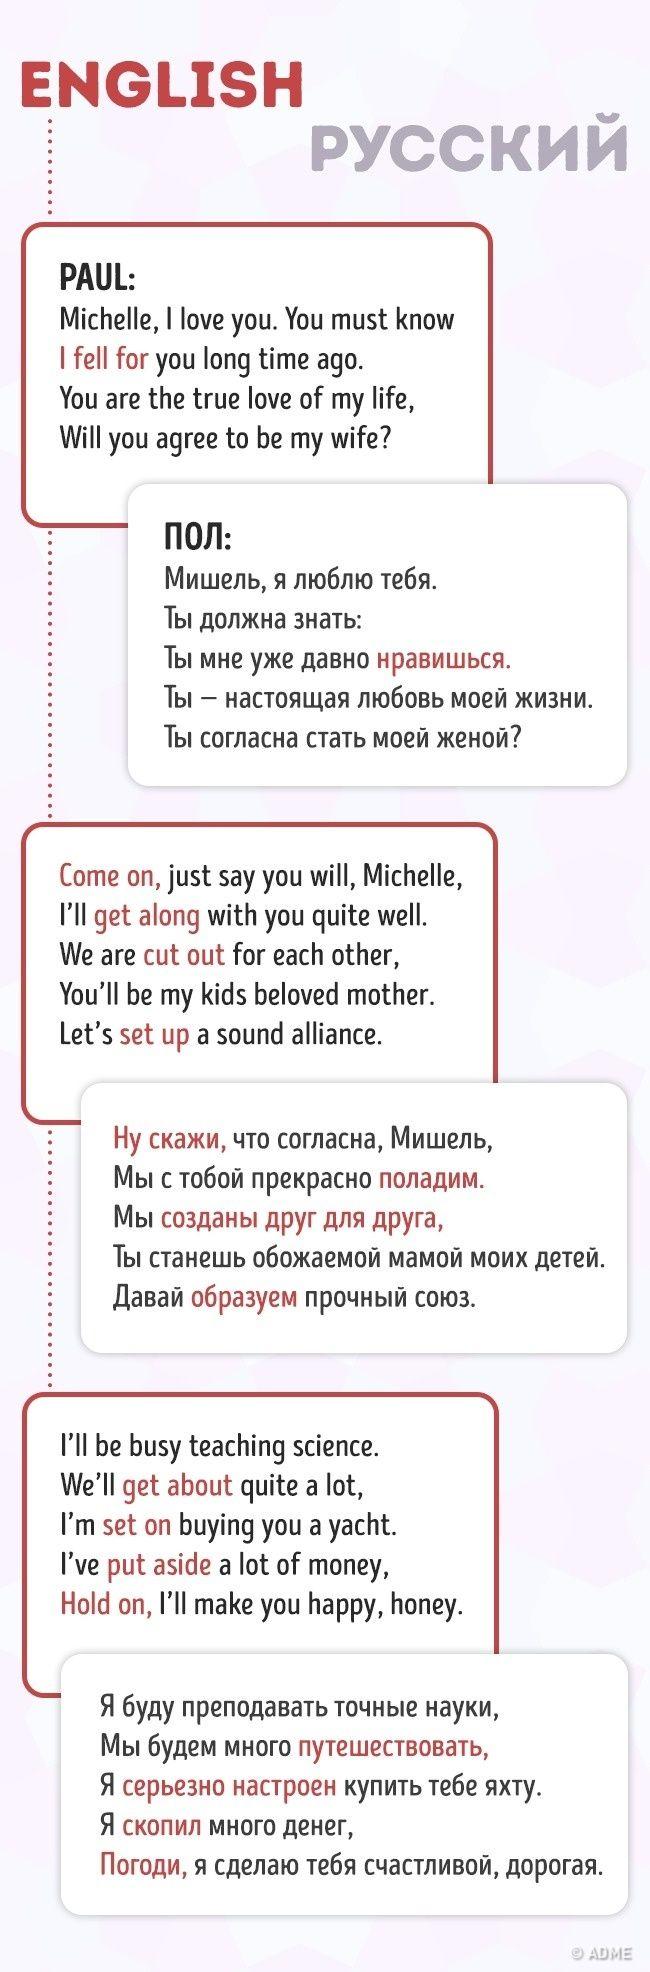 Это стихотворение поможет сделать ваш английский правильным иэмоциональным